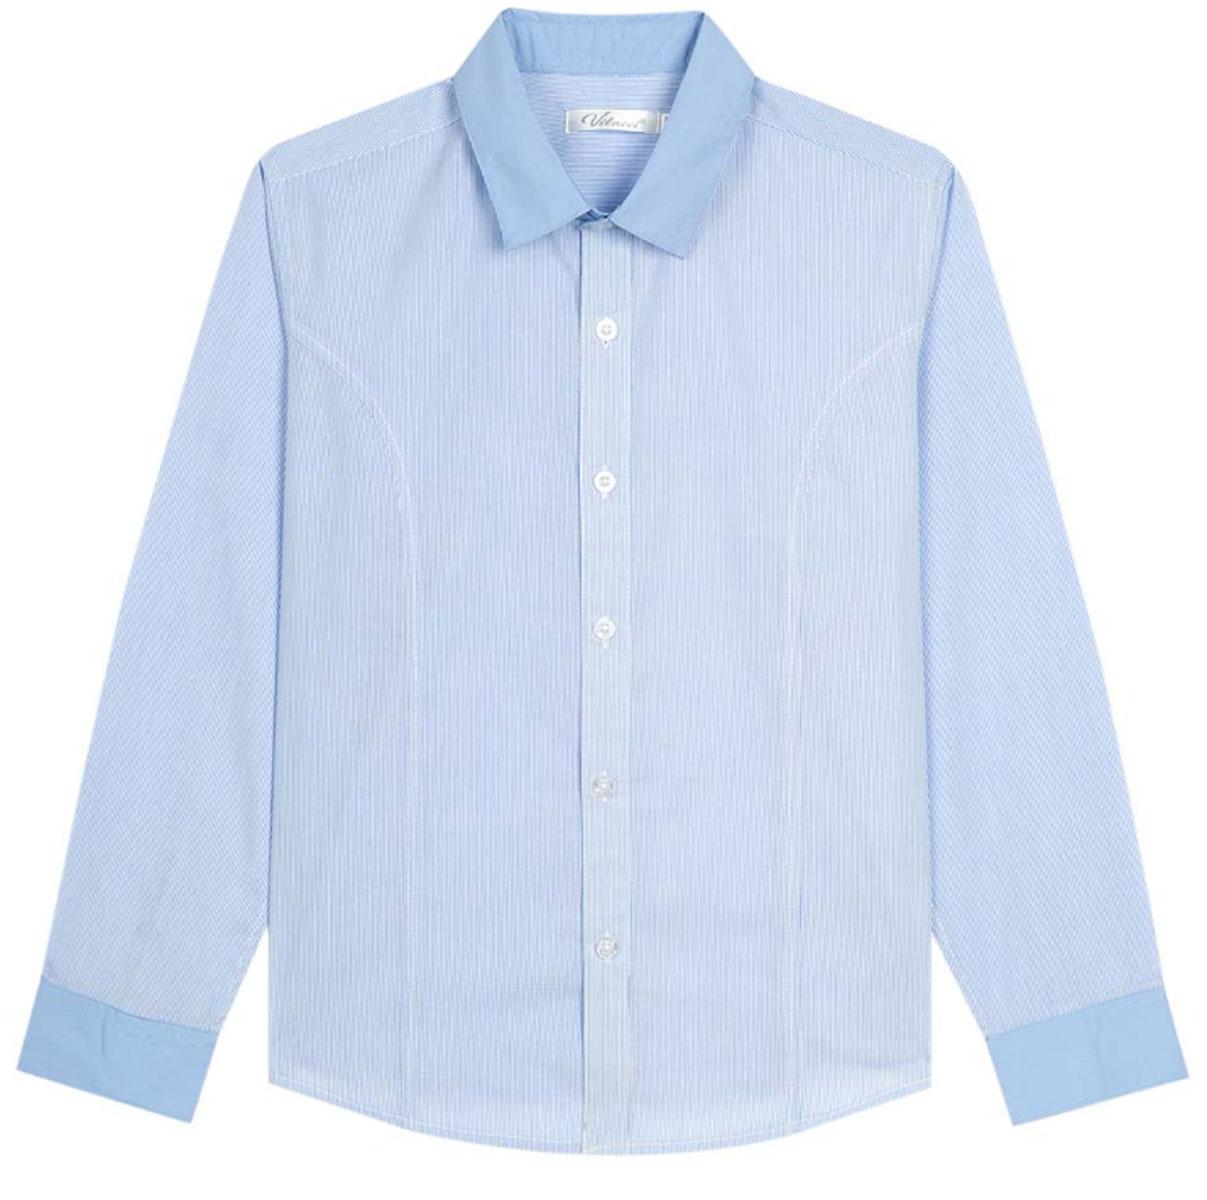 Рубашка для мальчика Vitacci, цвет: голубой. 1173020М-10. Размер 1701173020-10/1173020М-10Рубашка для мальчика выполнена из хлопка и полиэстера. Модель с длинными рукавами застегивается на пуговицы.